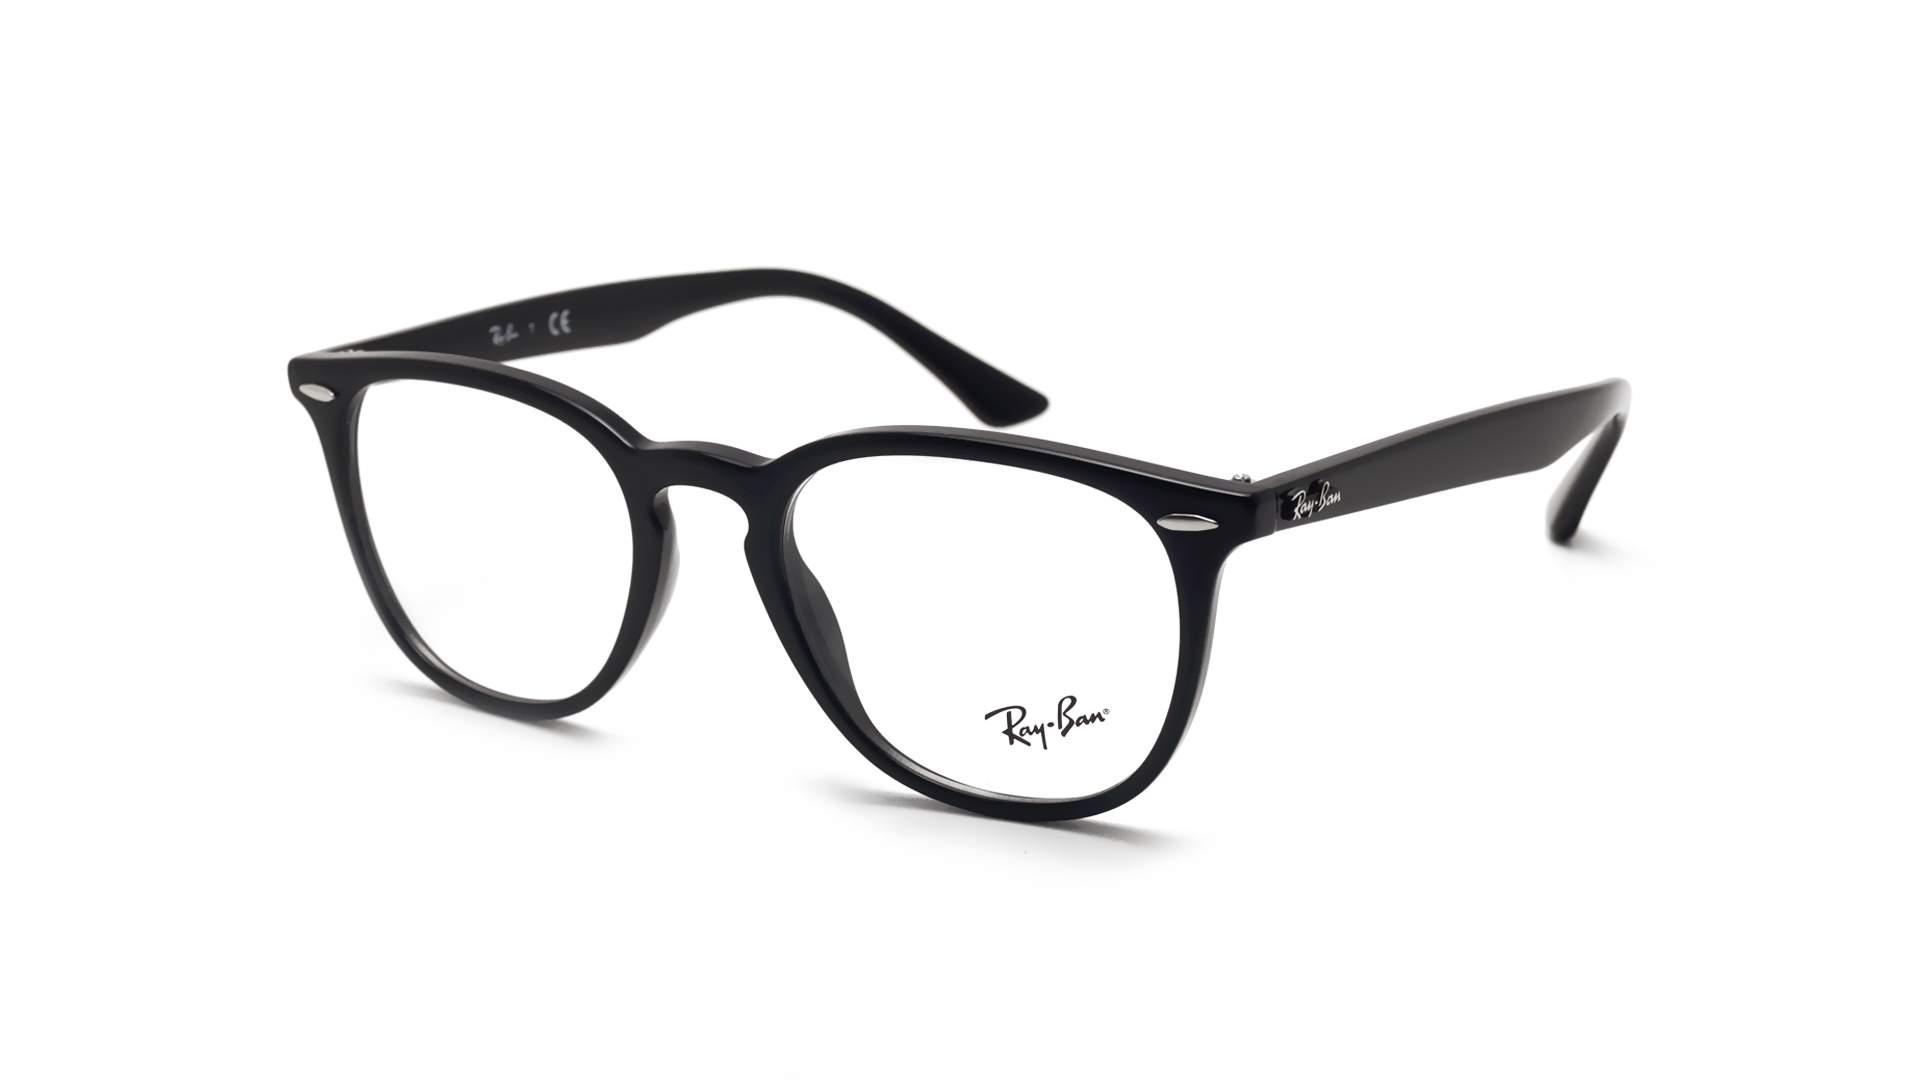 acbc7093e6 Eyeglasses Ray-Ban RX7159 RB7159 2000 50-20 Black Medium